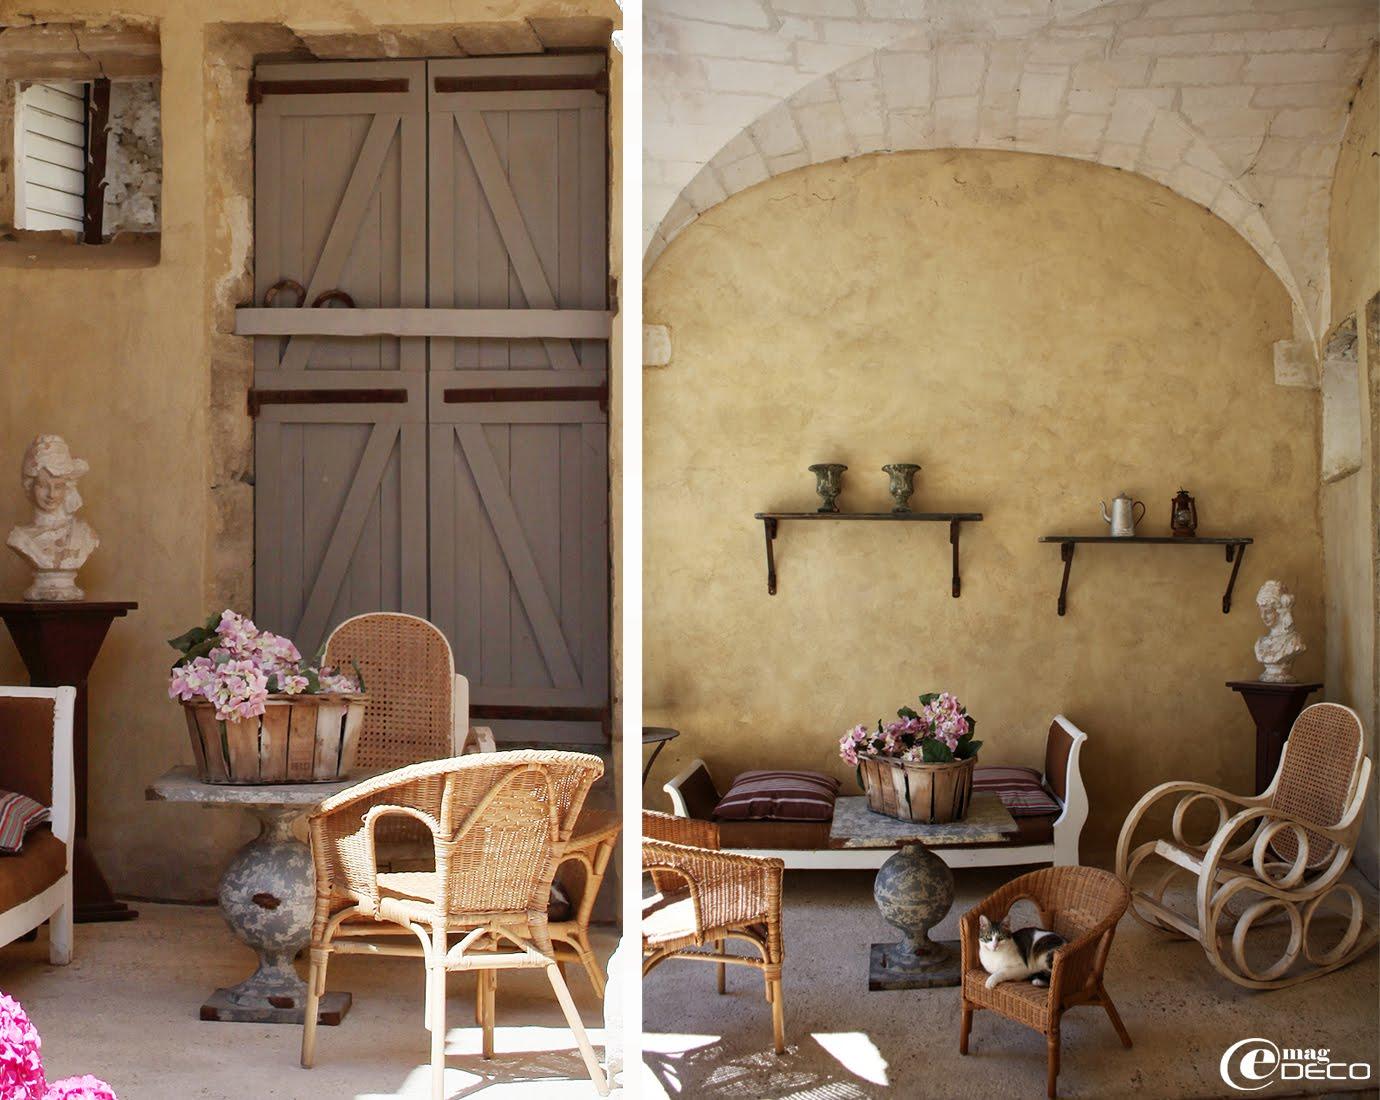 Loge du Posterlon, maison d'hôtes dans le Vaucluse, avec sa voûte d'arêtes appareillé